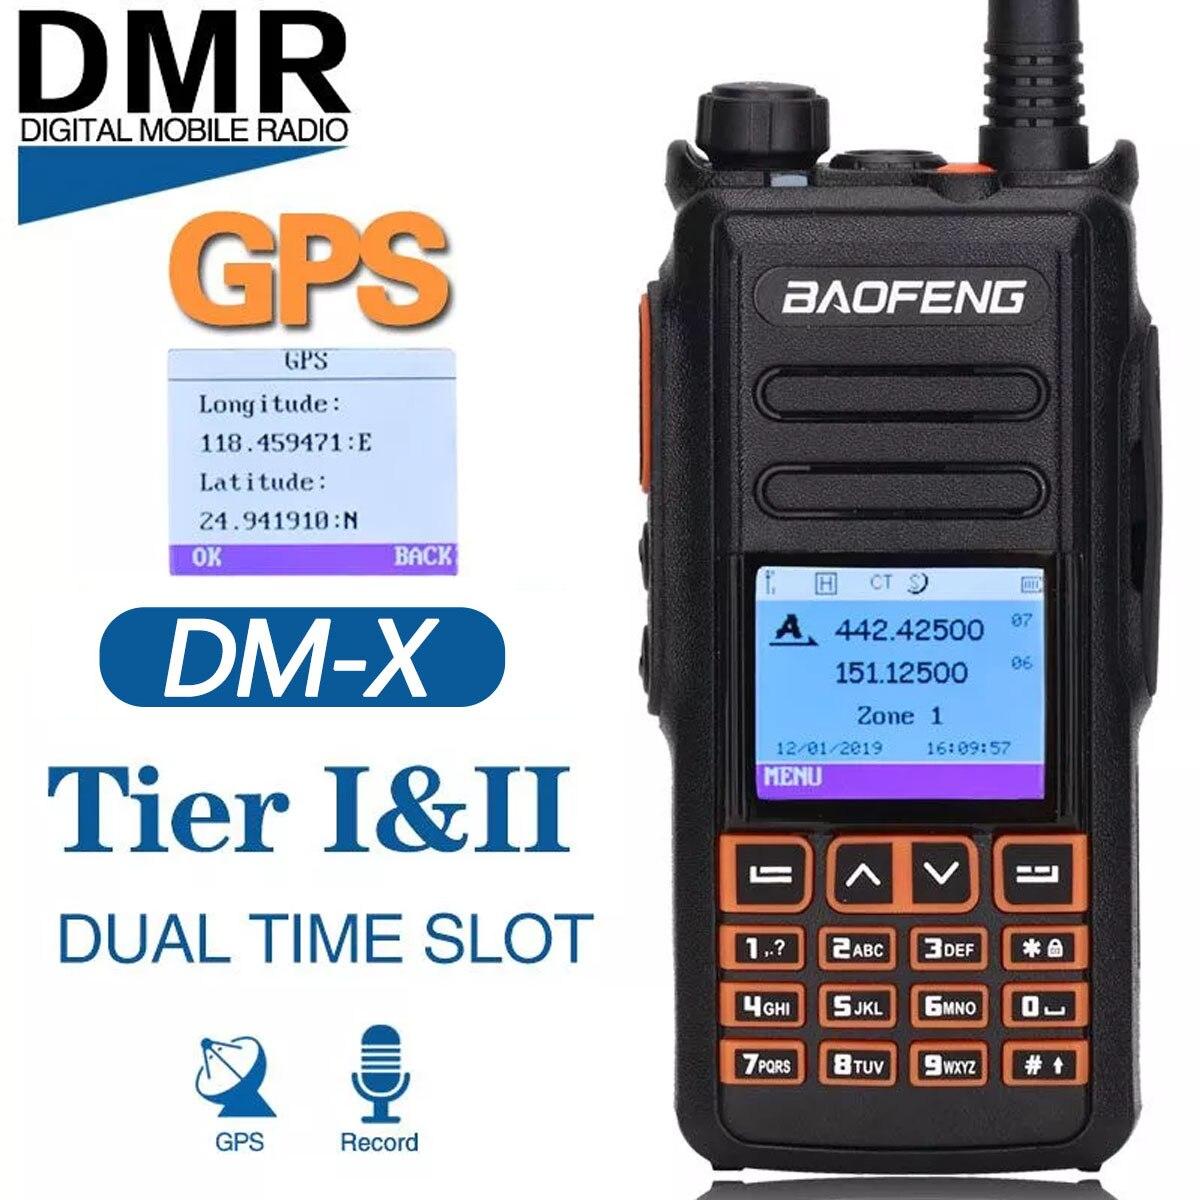 """2021 Baofeng DM-X GPS иди и болтай Walkie Talkie """"иди и Dual Time Slot DMR цифровой/аналоговый DMR повторитель обновление DM-1801 DM-1701 DM-1702 радио"""